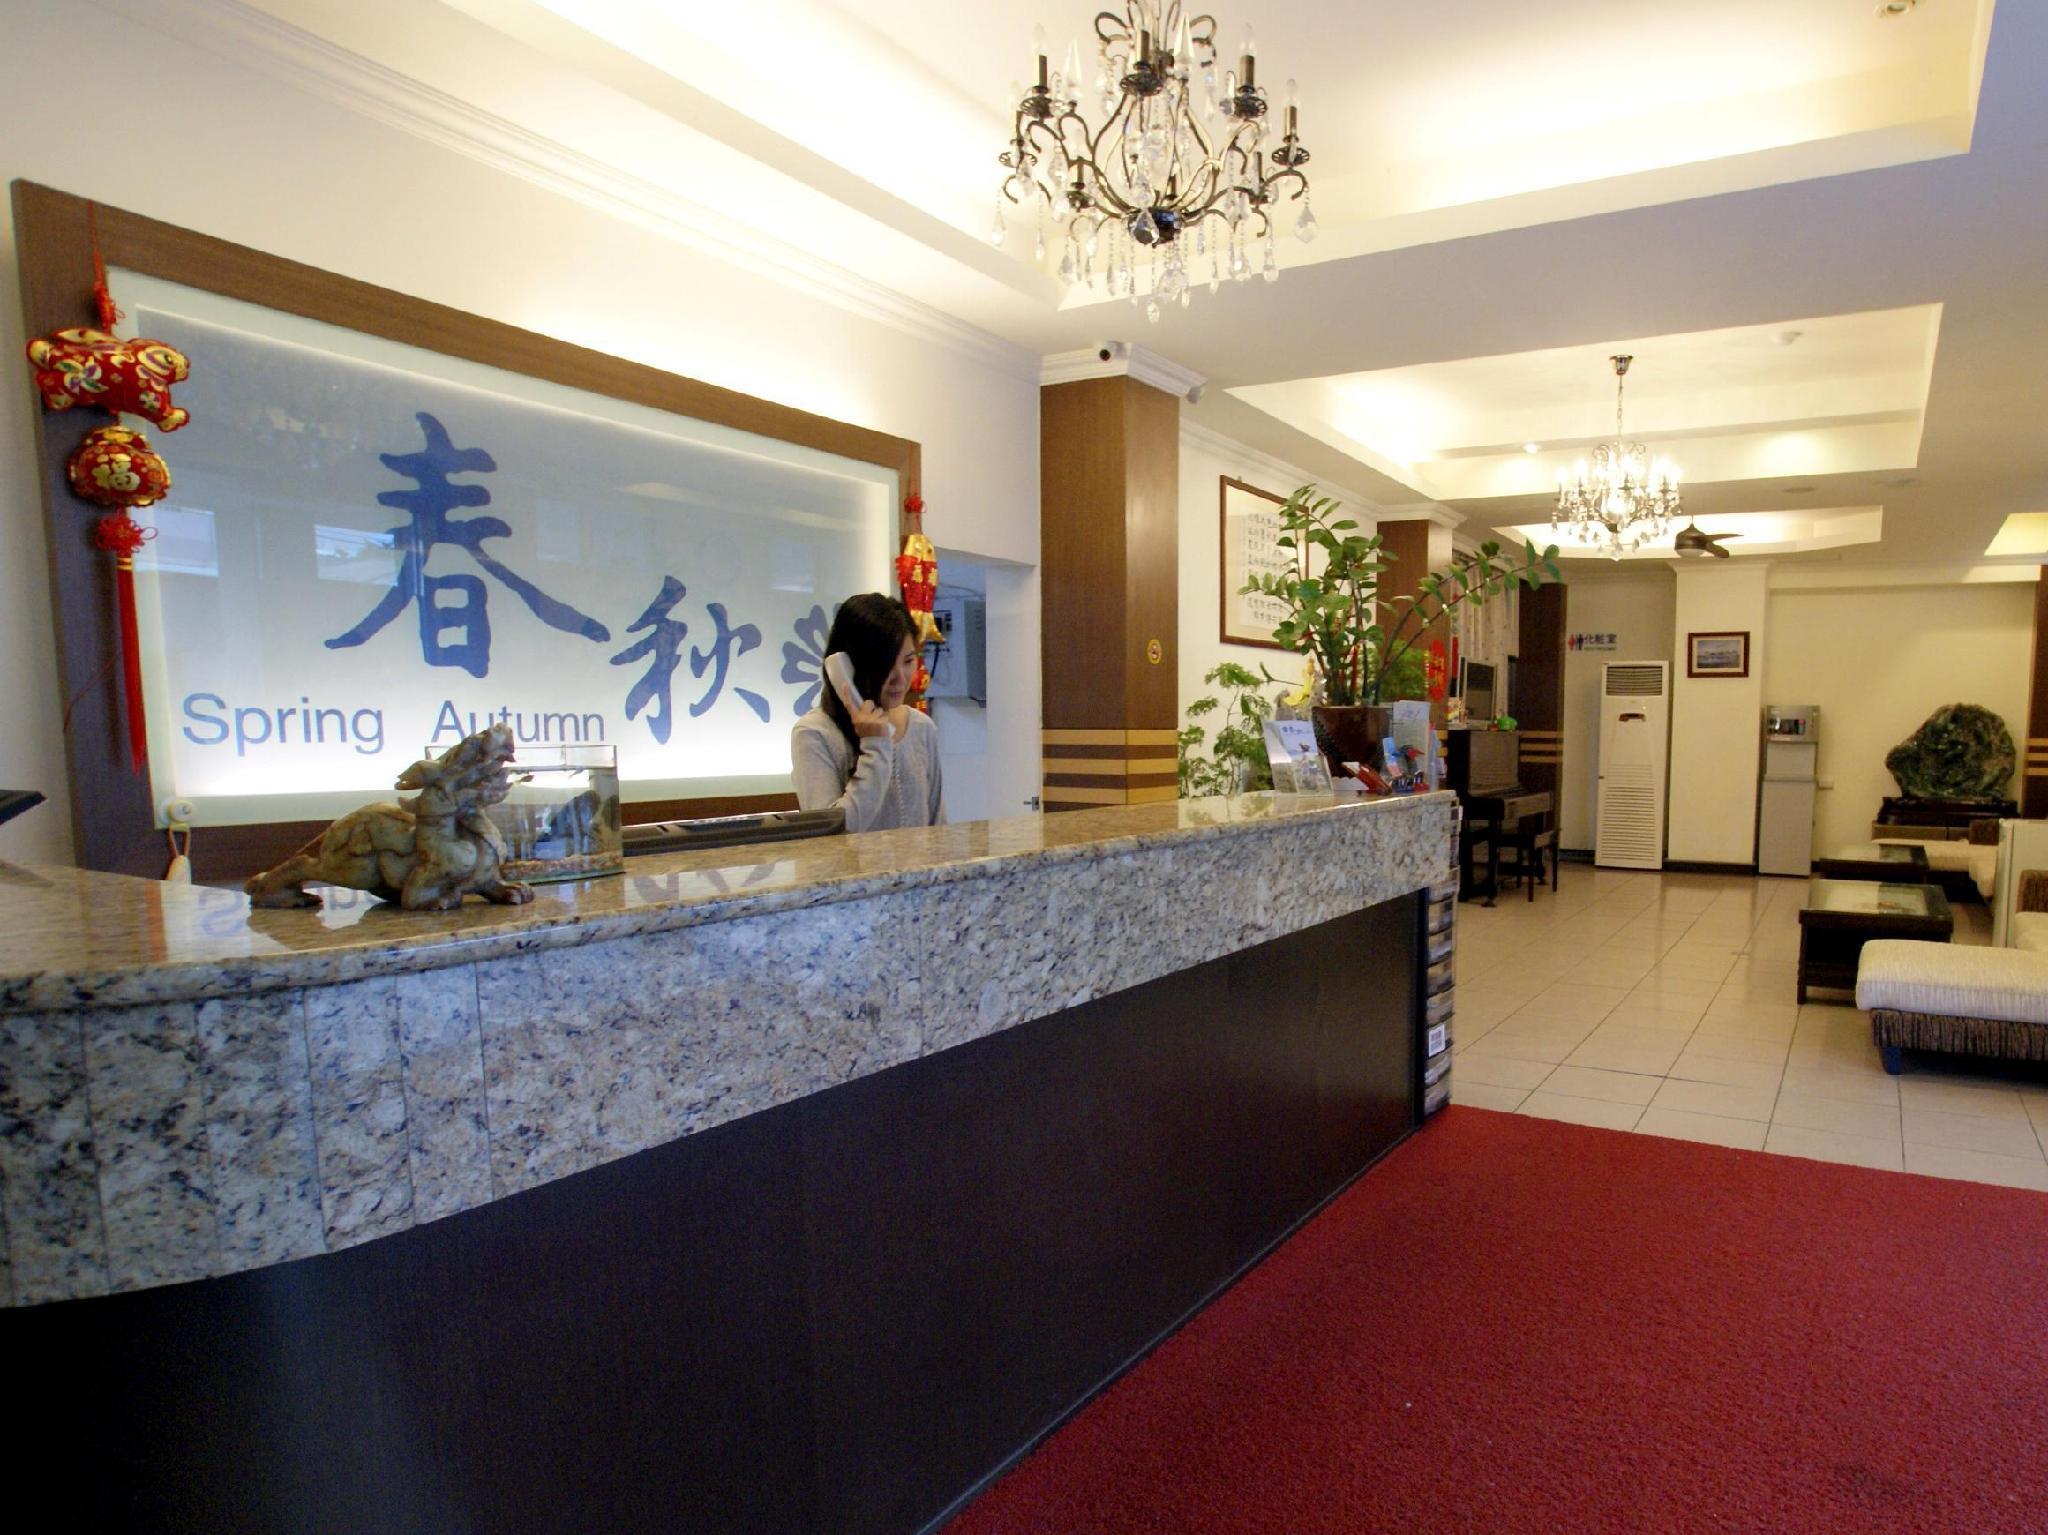 春秋大飯店 Spring Autumn Hotel